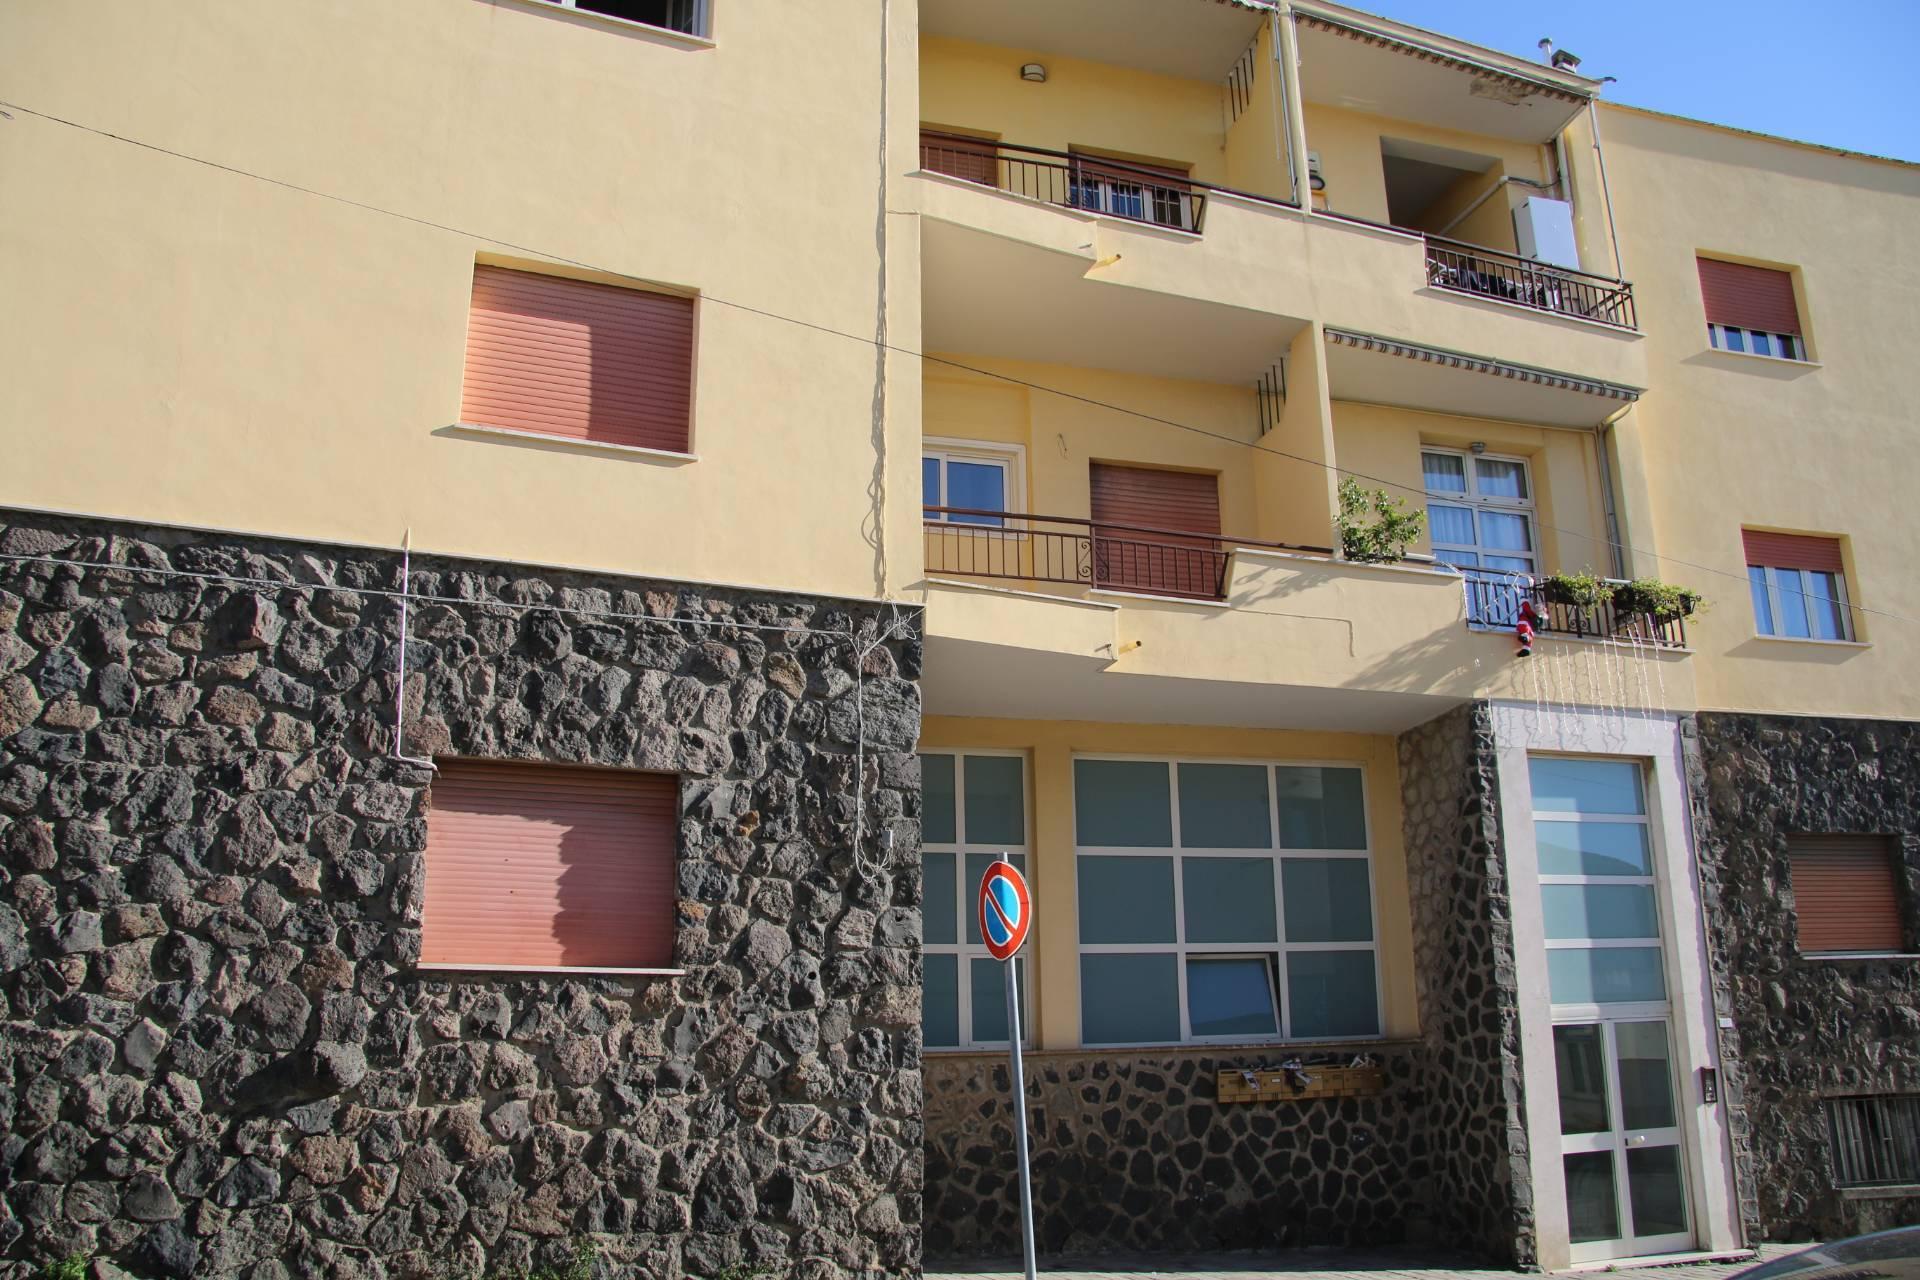 Appartamento in vendita a Montalto di Castro, 3 locali, prezzo € 85.000 | CambioCasa.it